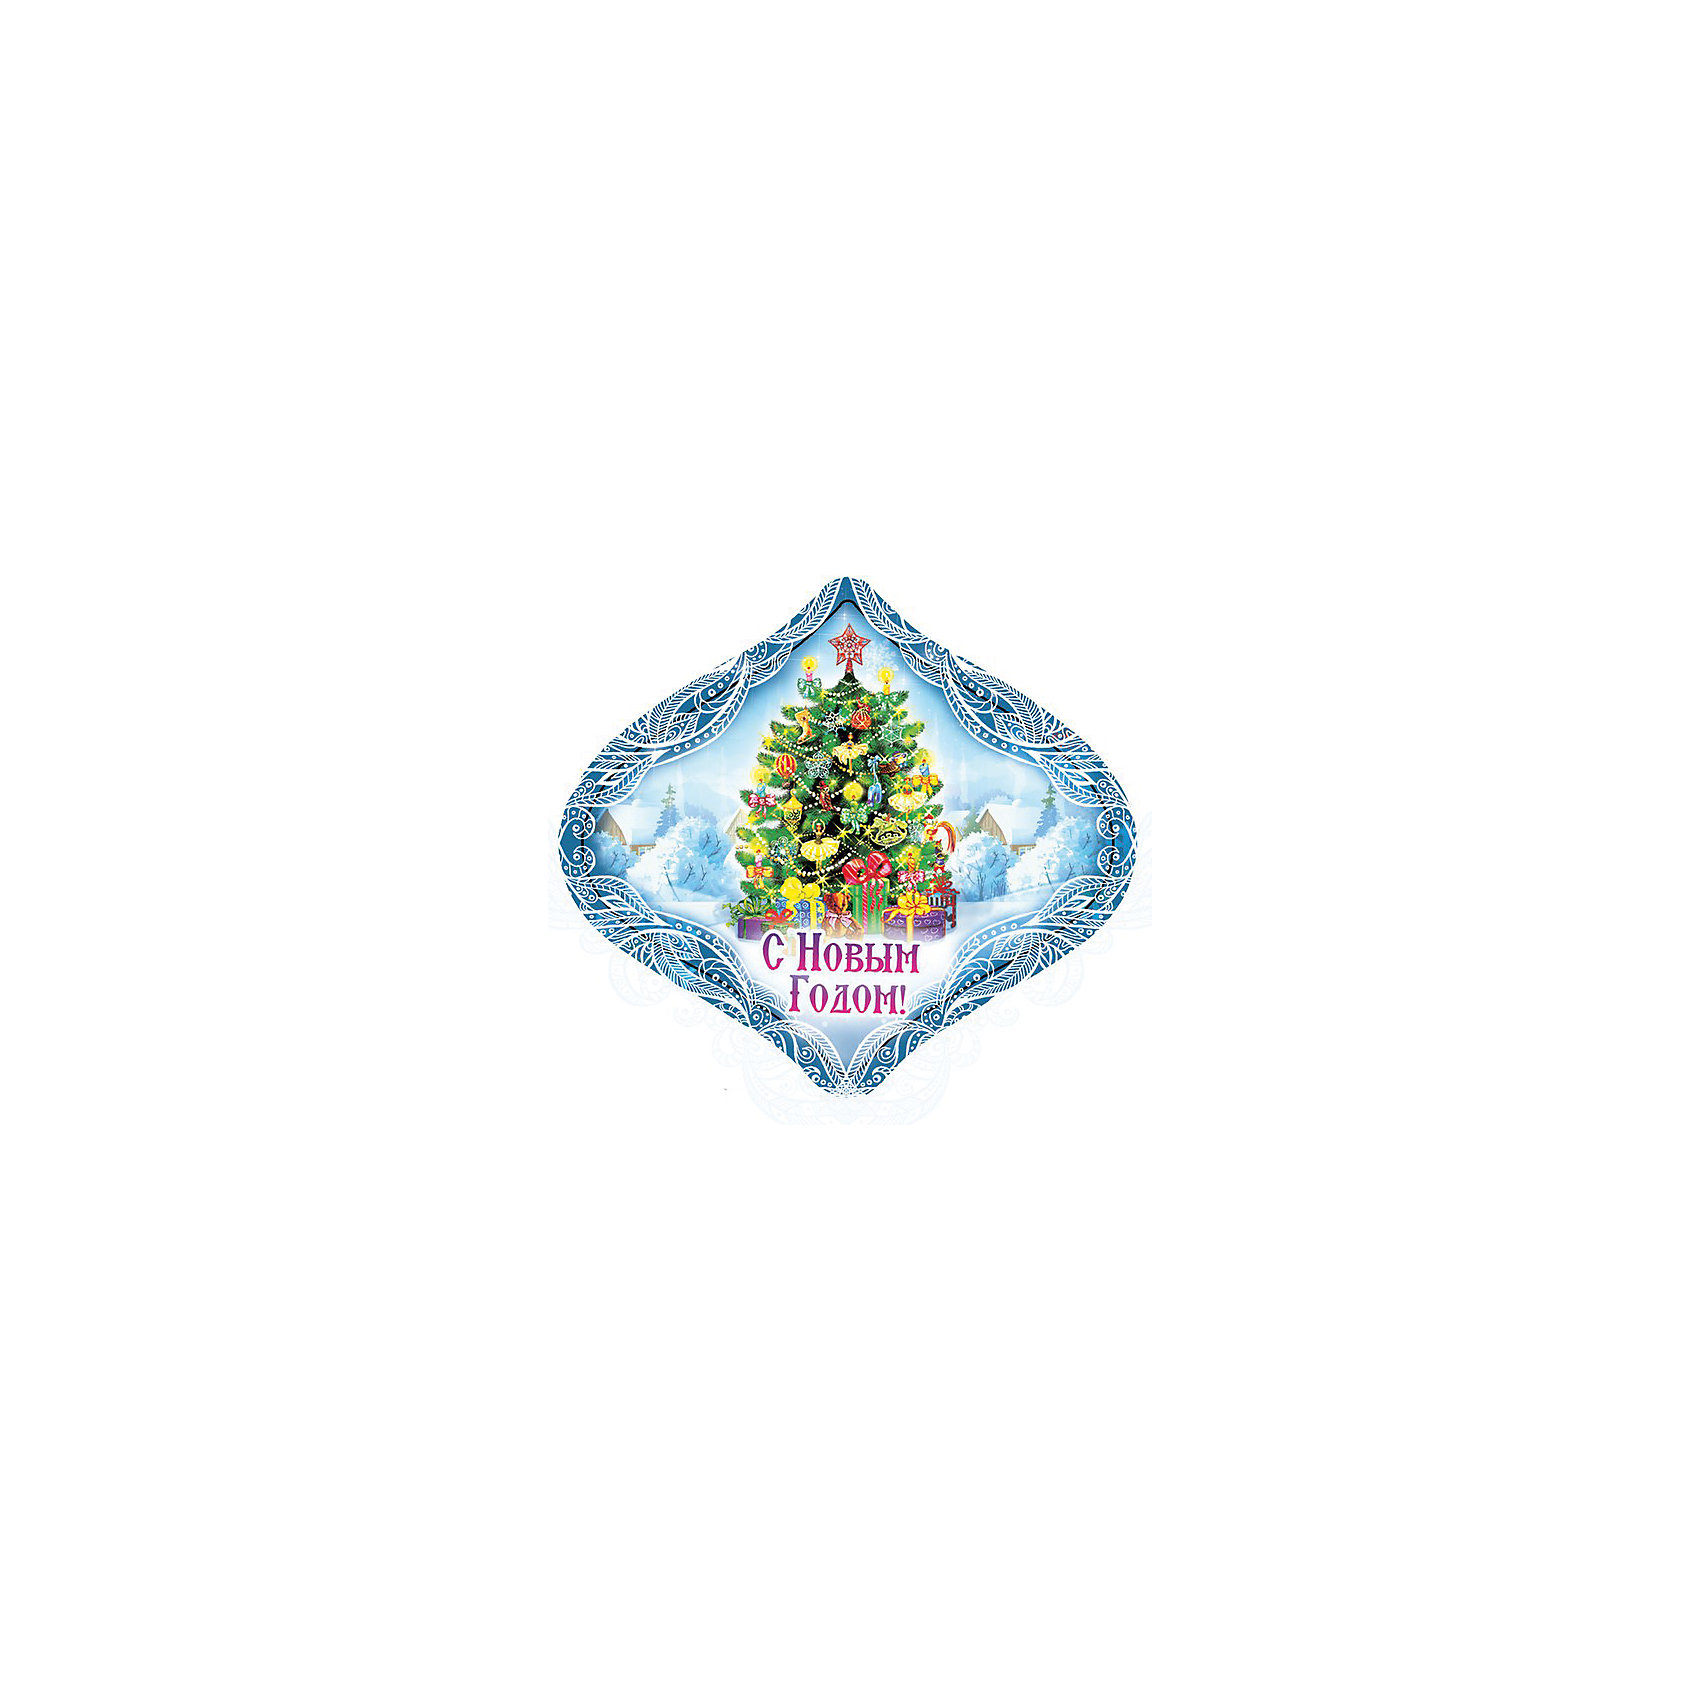 Магнит Пушистая ёлочкаНовогодние сувениры<br>Яркий магнит с новогодней символикой - прекрасный вариант для праздничного сувенира. Магнит можно прикрепить на любую металлическую поверхность, он всегда будет радовать, напоминая о веселом и таком долгожданном для всех празднике! <br><br>Дополнительная информация:<br><br>- Материал: агломерированный феррит. <br>- Размер: 6,7х6 см.<br>- Яркий привлекательный дизайн. <br><br>Новогодний магнит Пушистая ёлочка можно купить в нашем магазине.<br><br>Ширина мм: 100<br>Глубина мм: 100<br>Высота мм: 10<br>Вес г: 260<br>Возраст от месяцев: 36<br>Возраст до месяцев: 2147483647<br>Пол: Унисекс<br>Возраст: Детский<br>SKU: 4981321